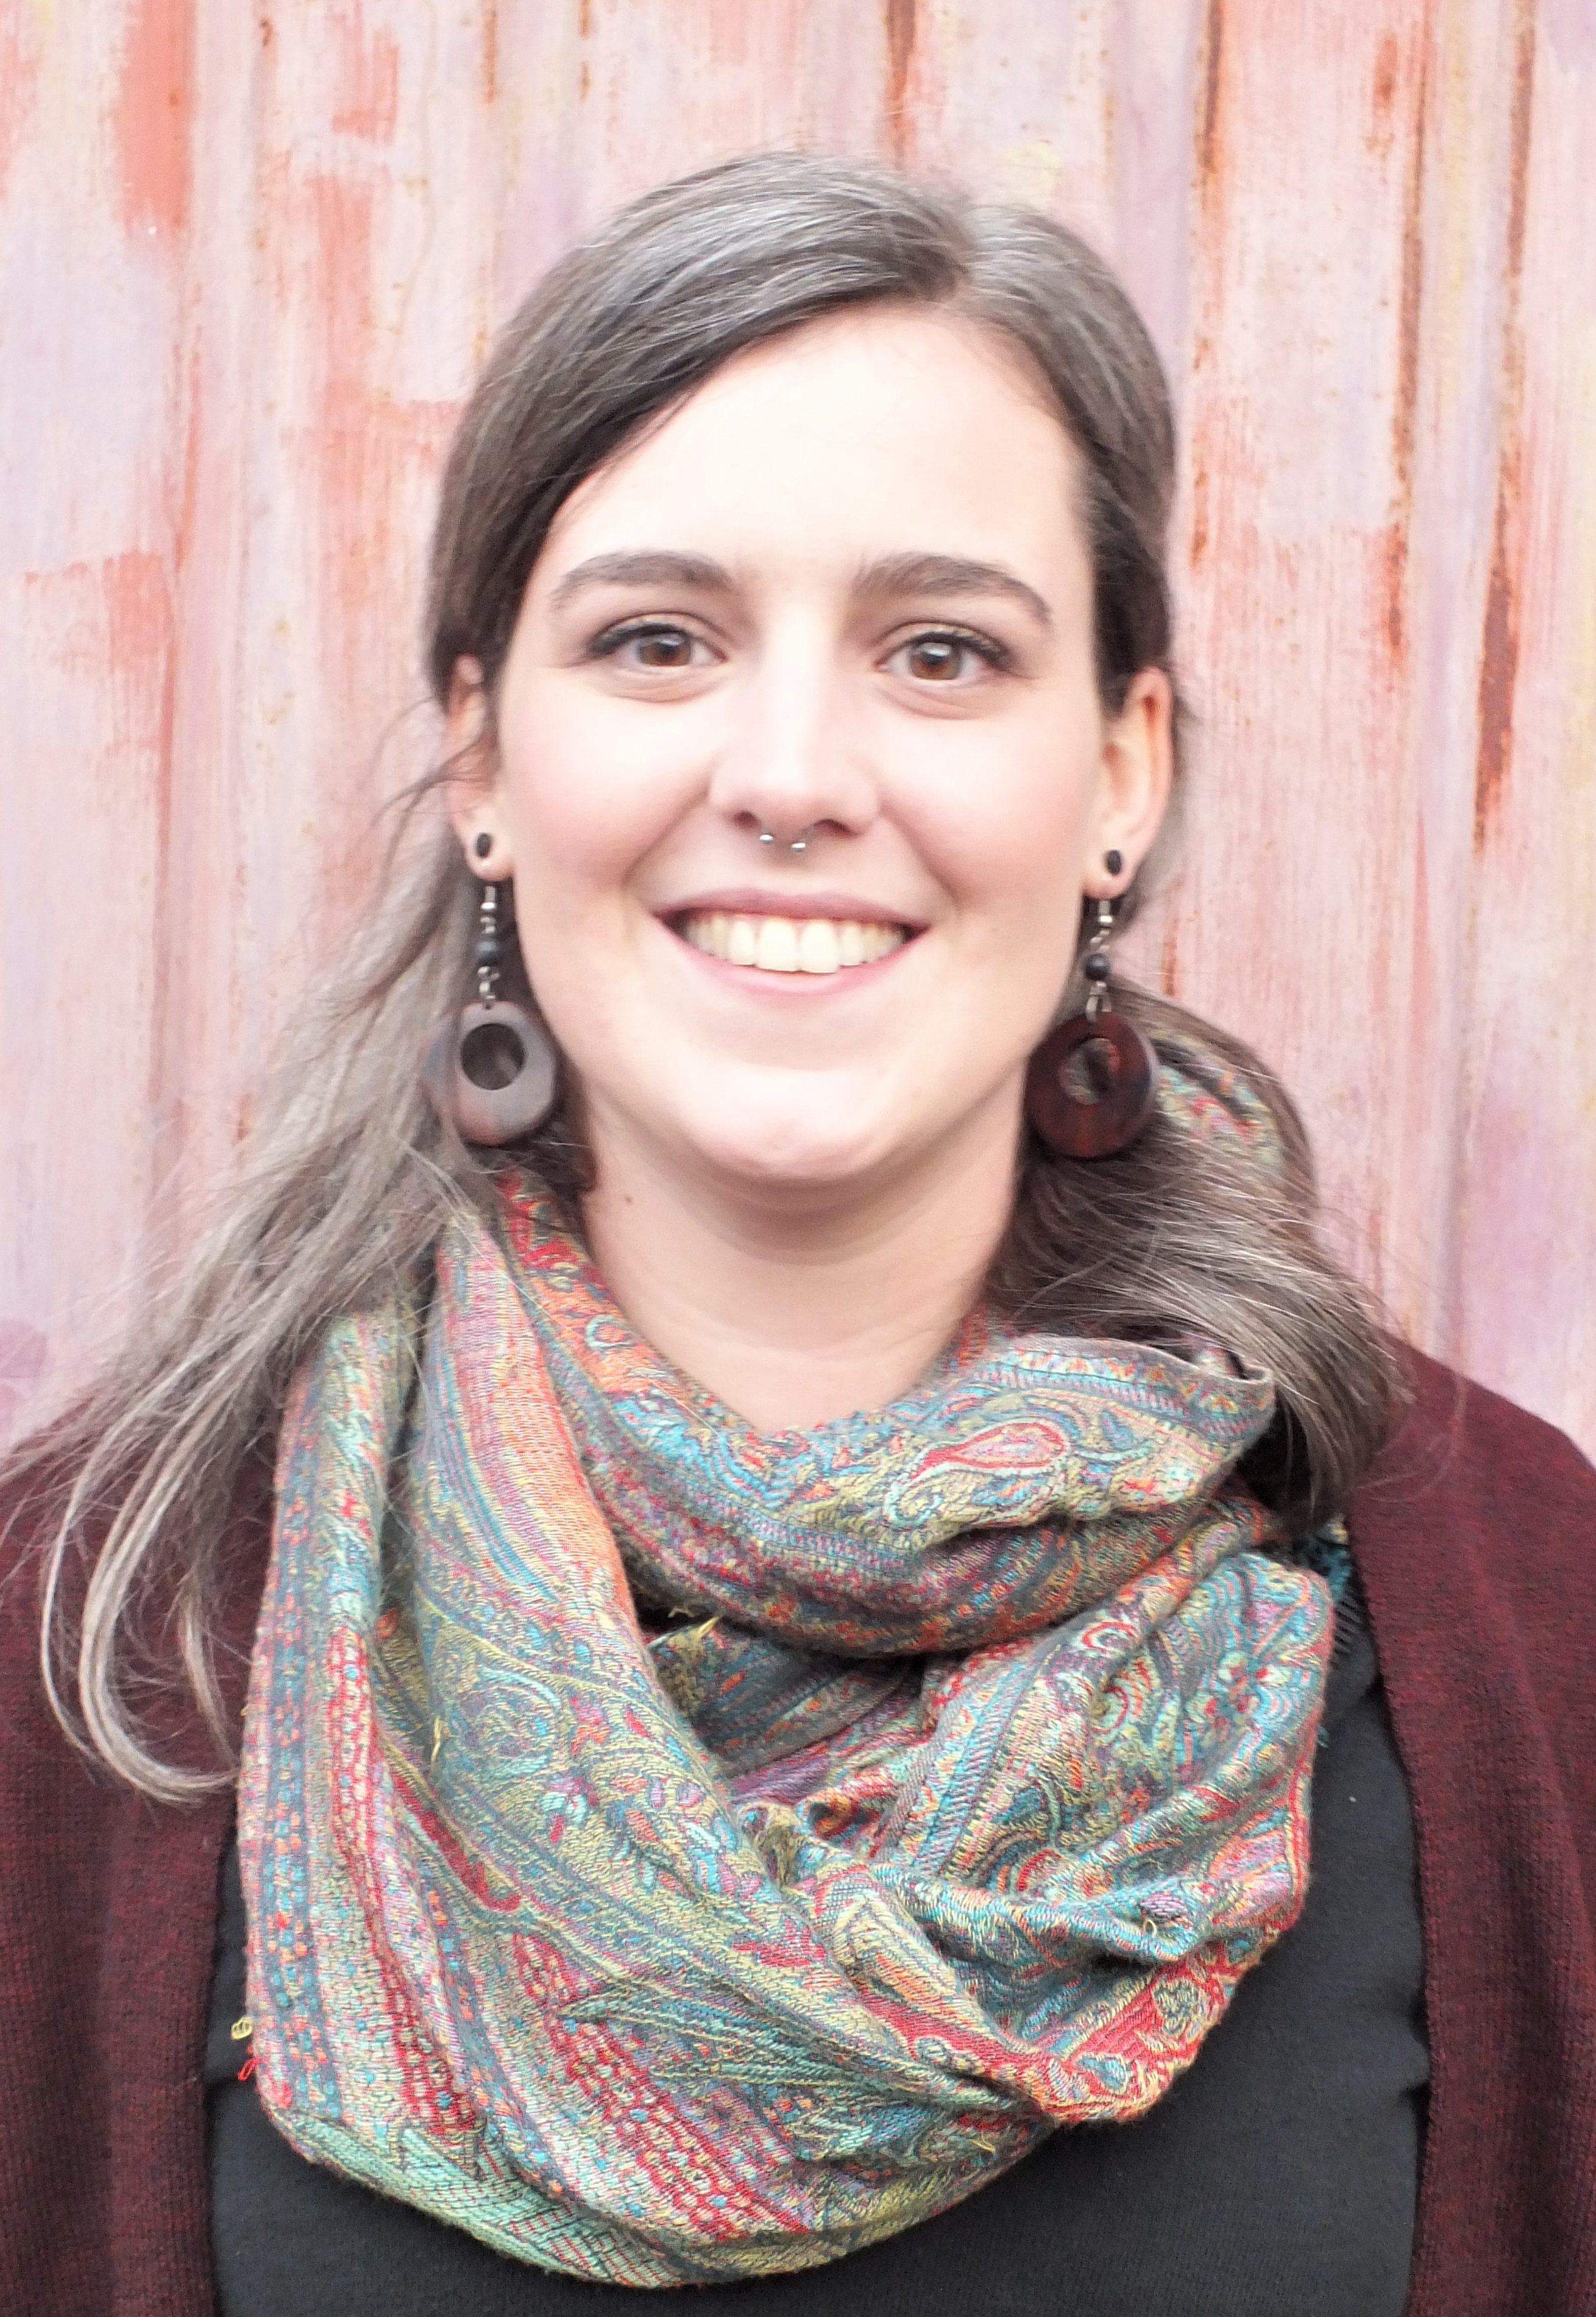 Helen Weissig